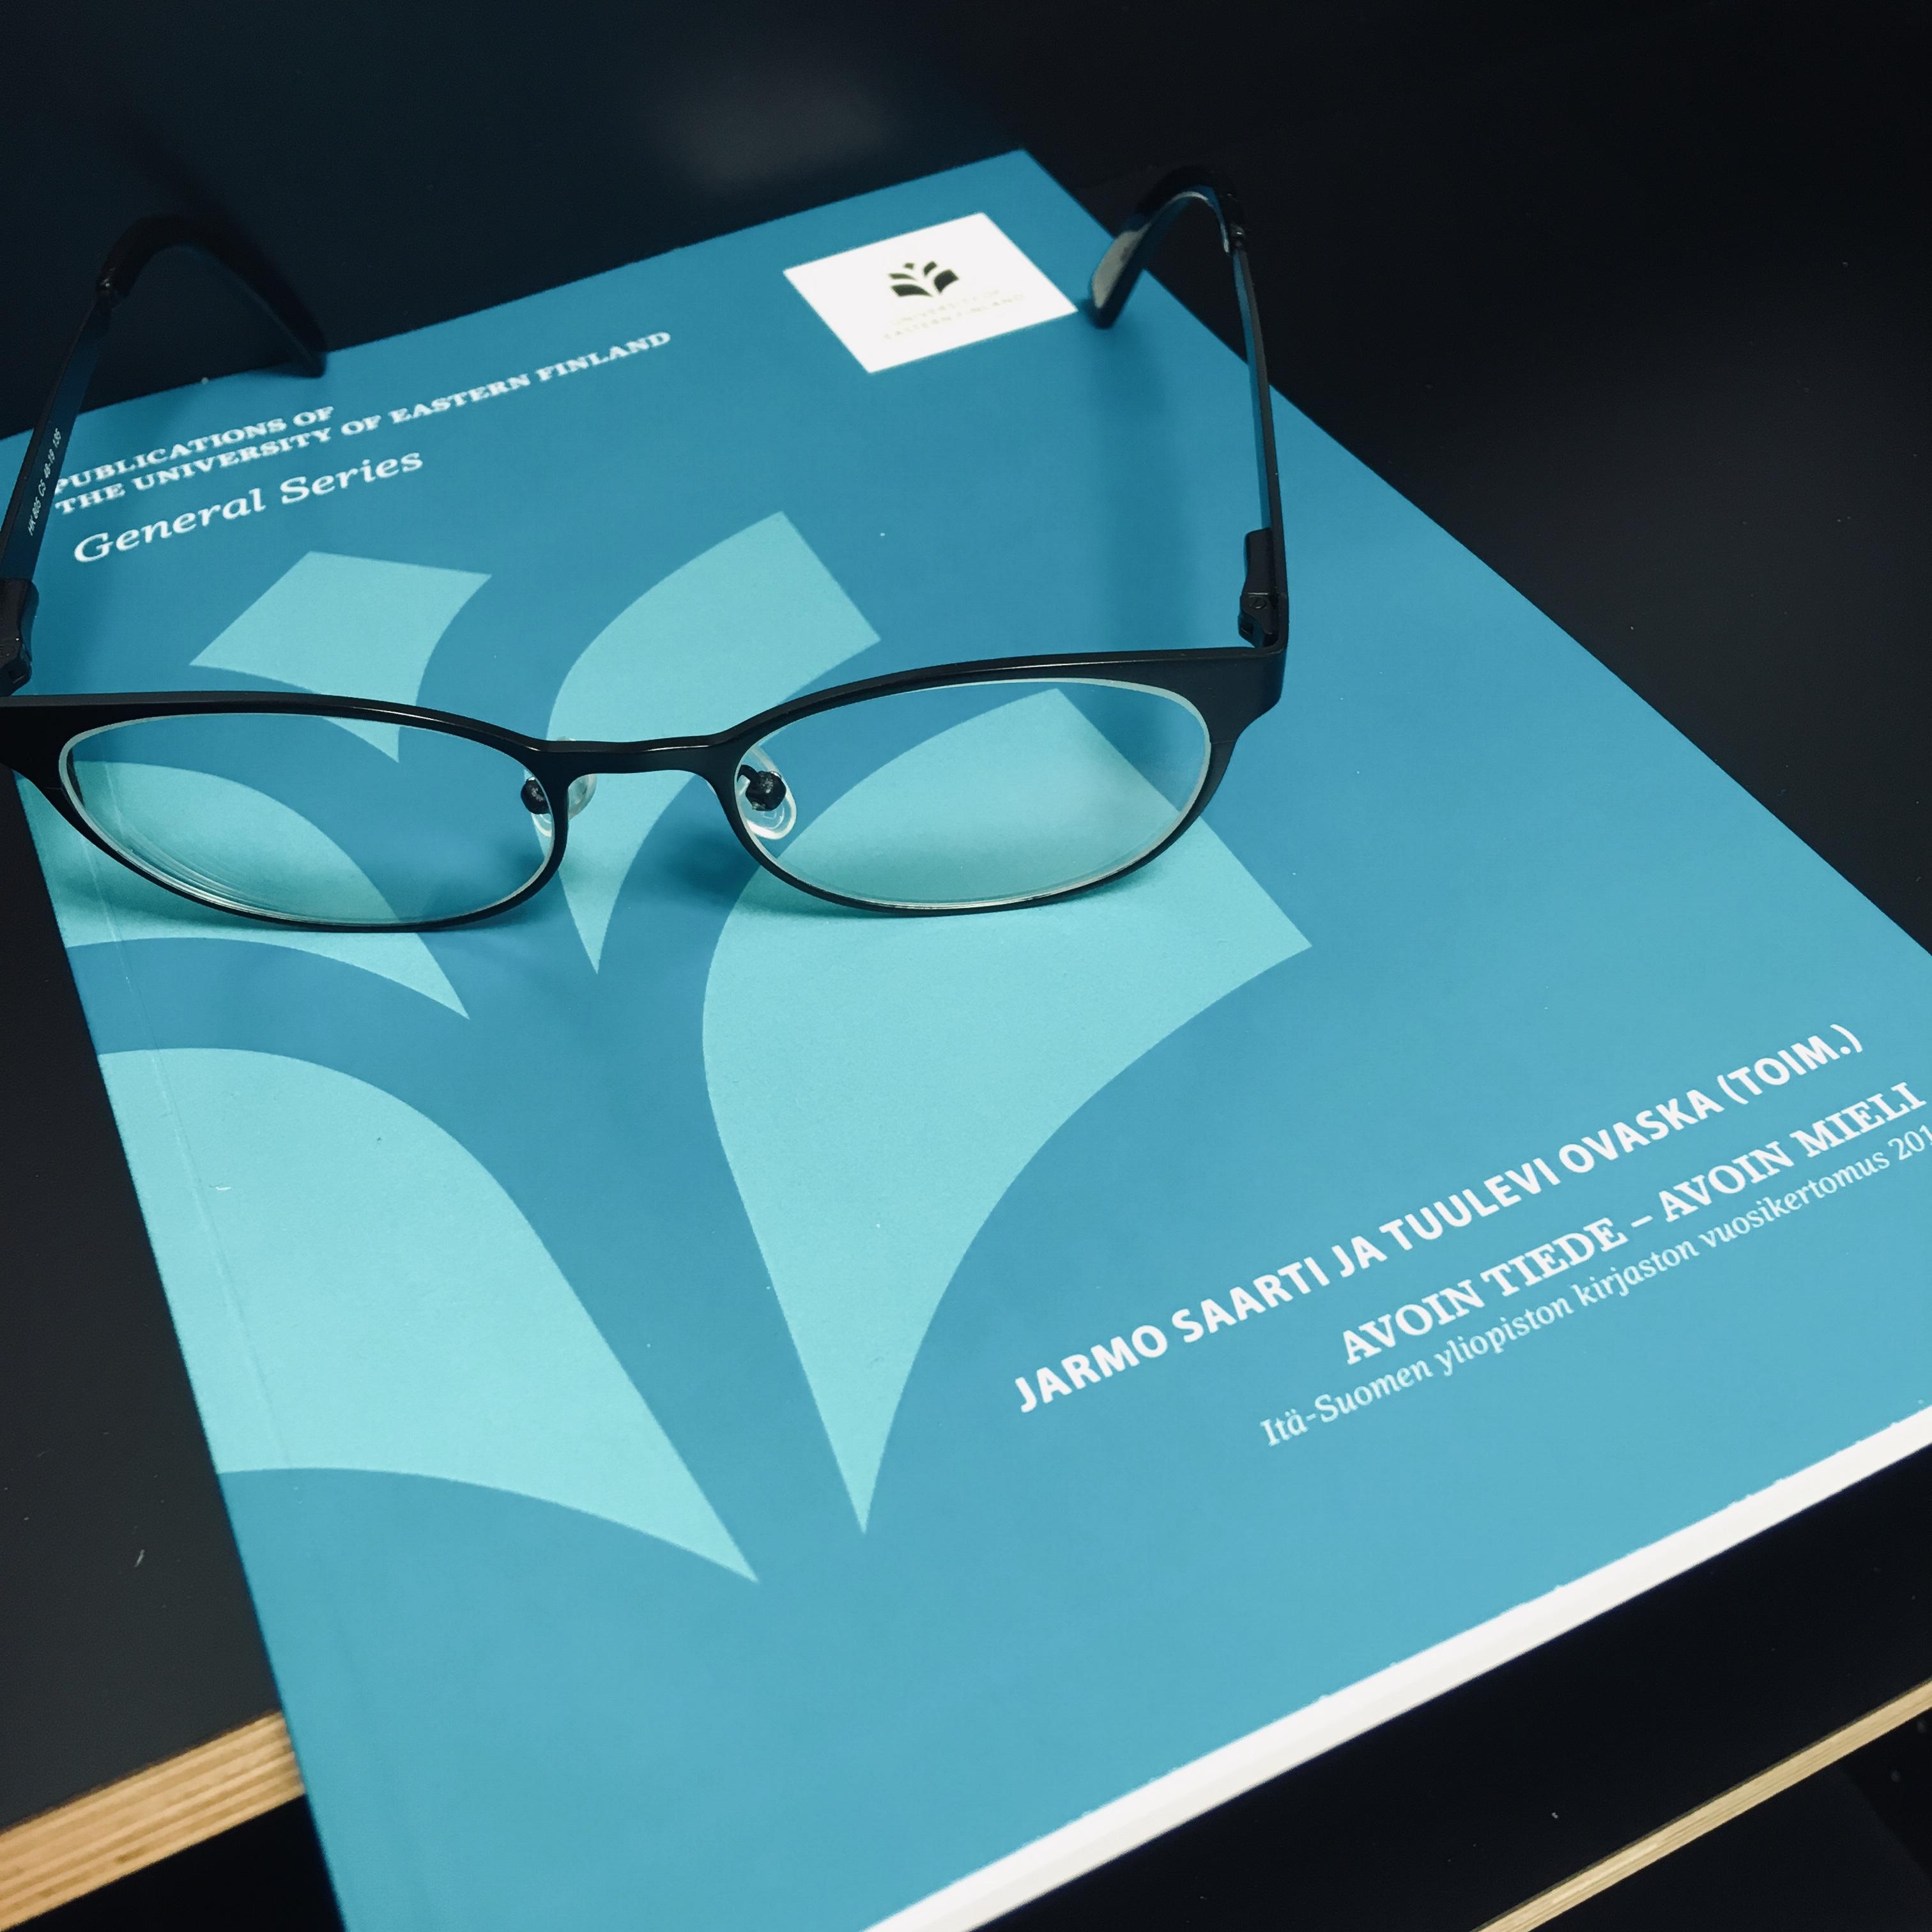 painettu vuosikertomus ja silmälasit